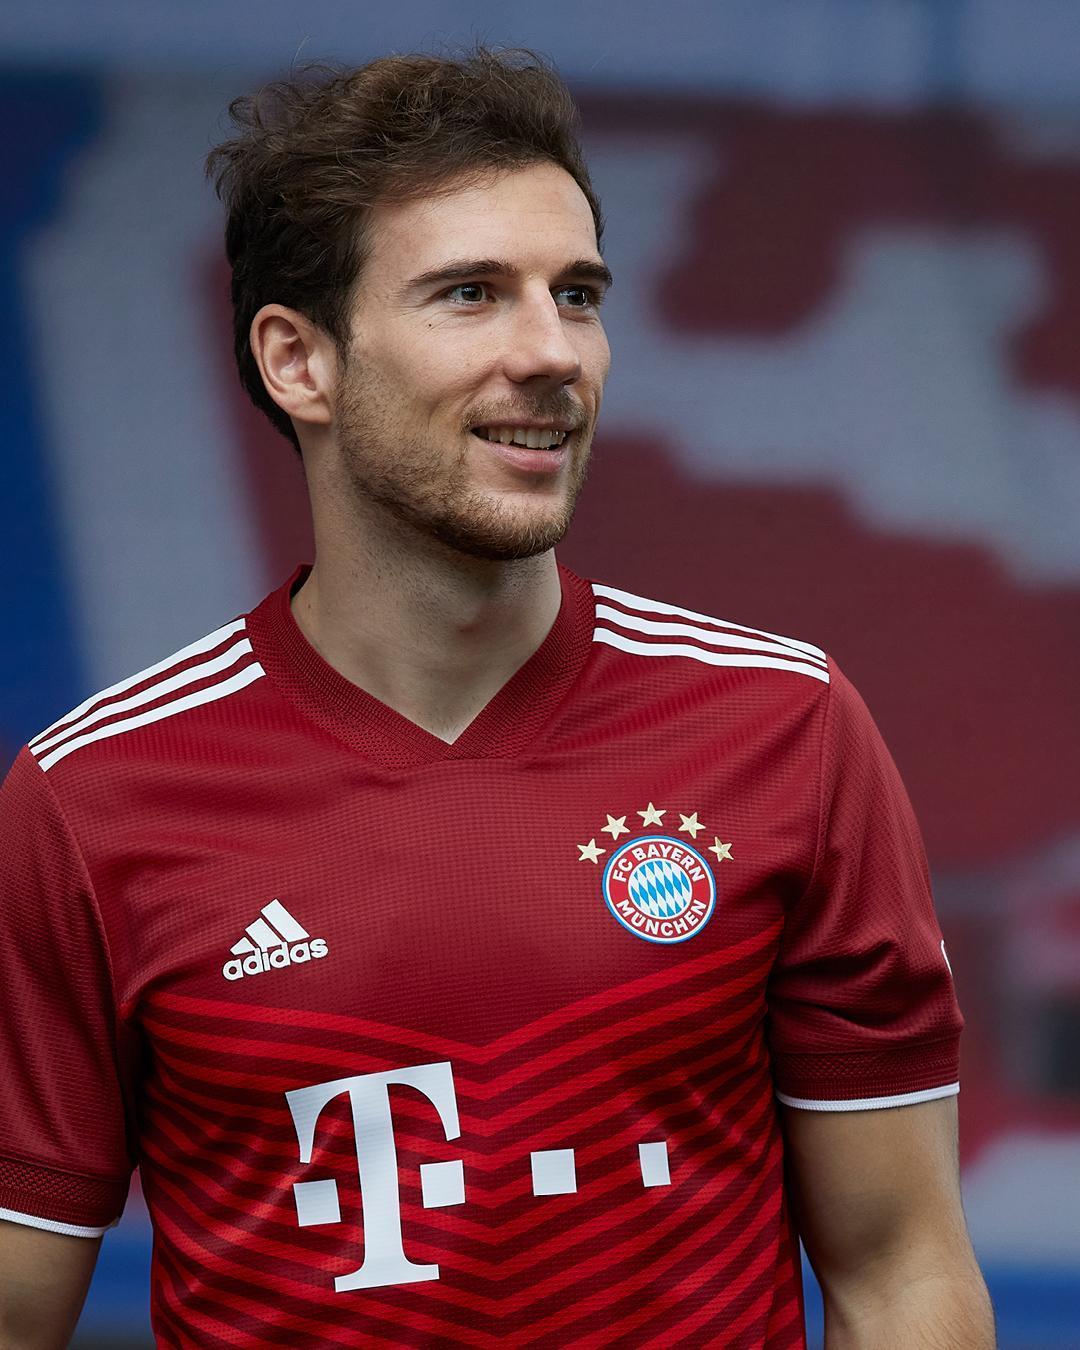 El novedoso diseño de la nueva camiseta del FC Bayern. Foto: Twitter FC Bayern